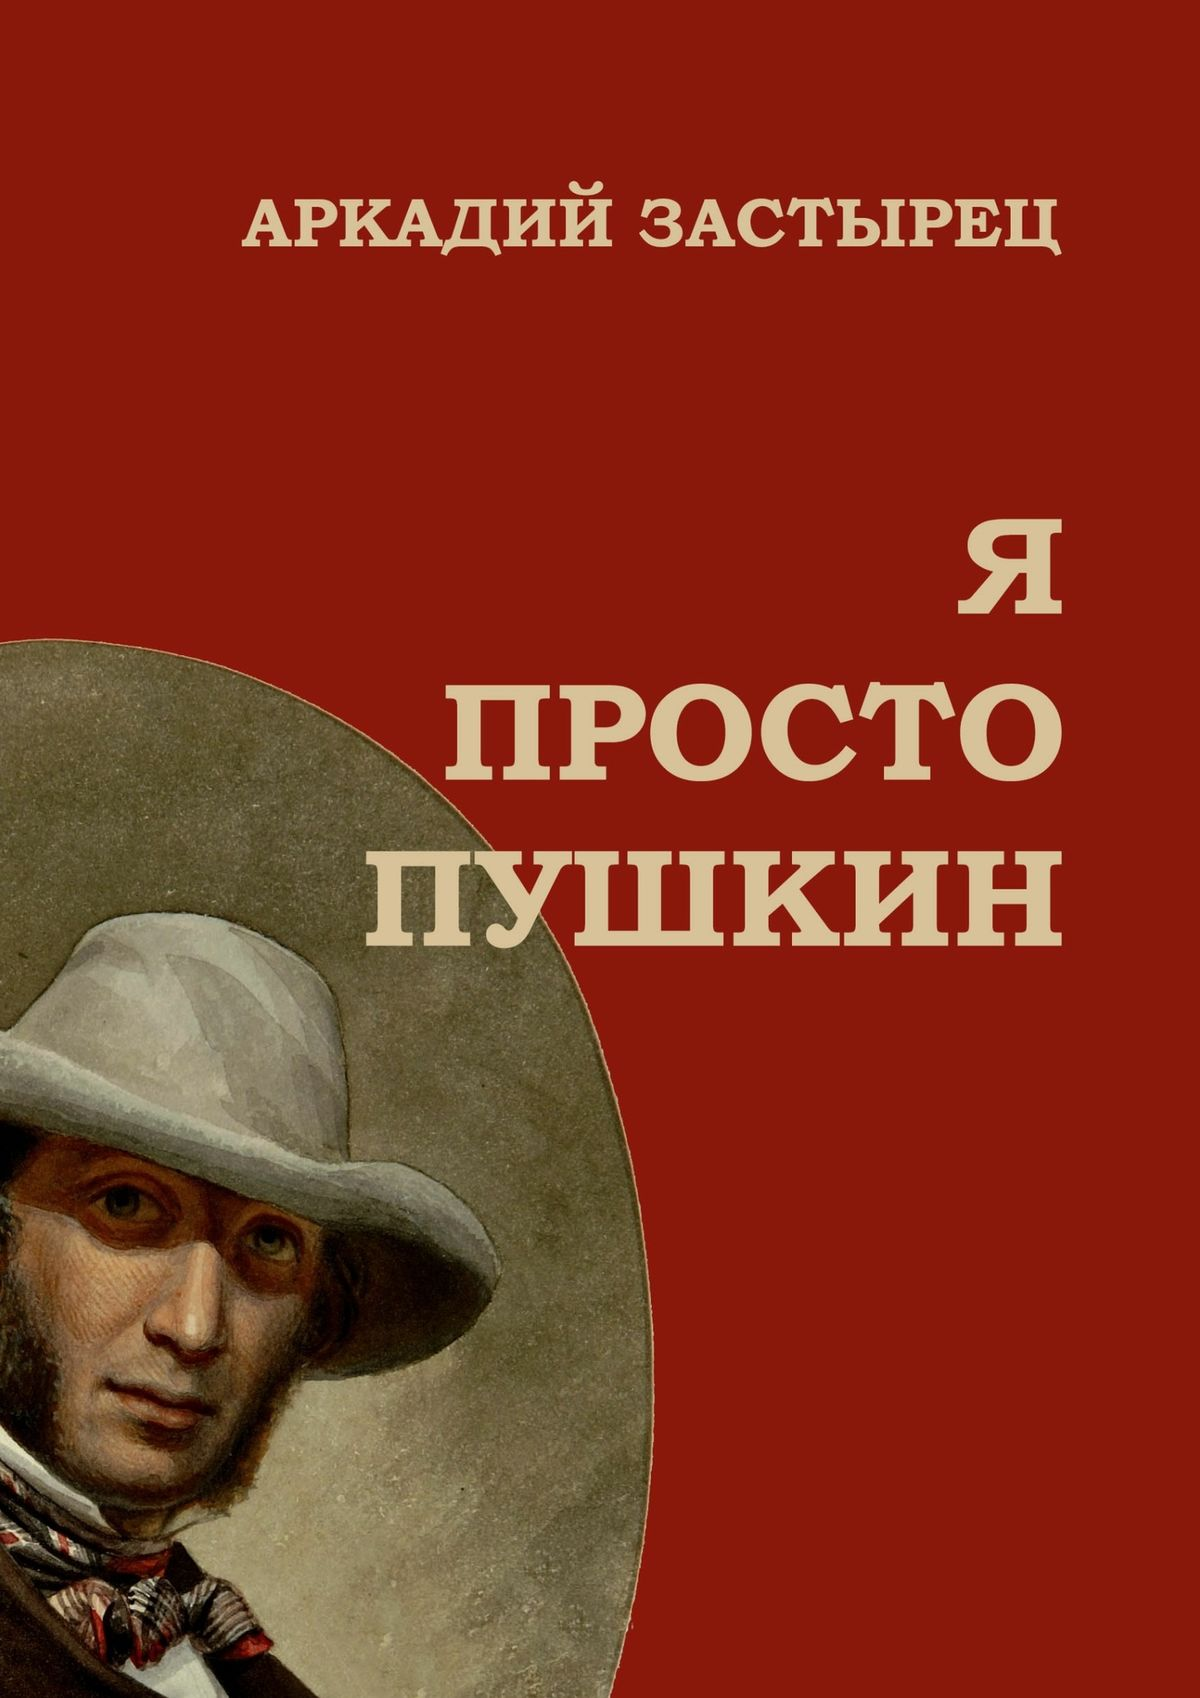 Аркадий Застырец Я просто Пушкин аркадий застырец я просто пушкин